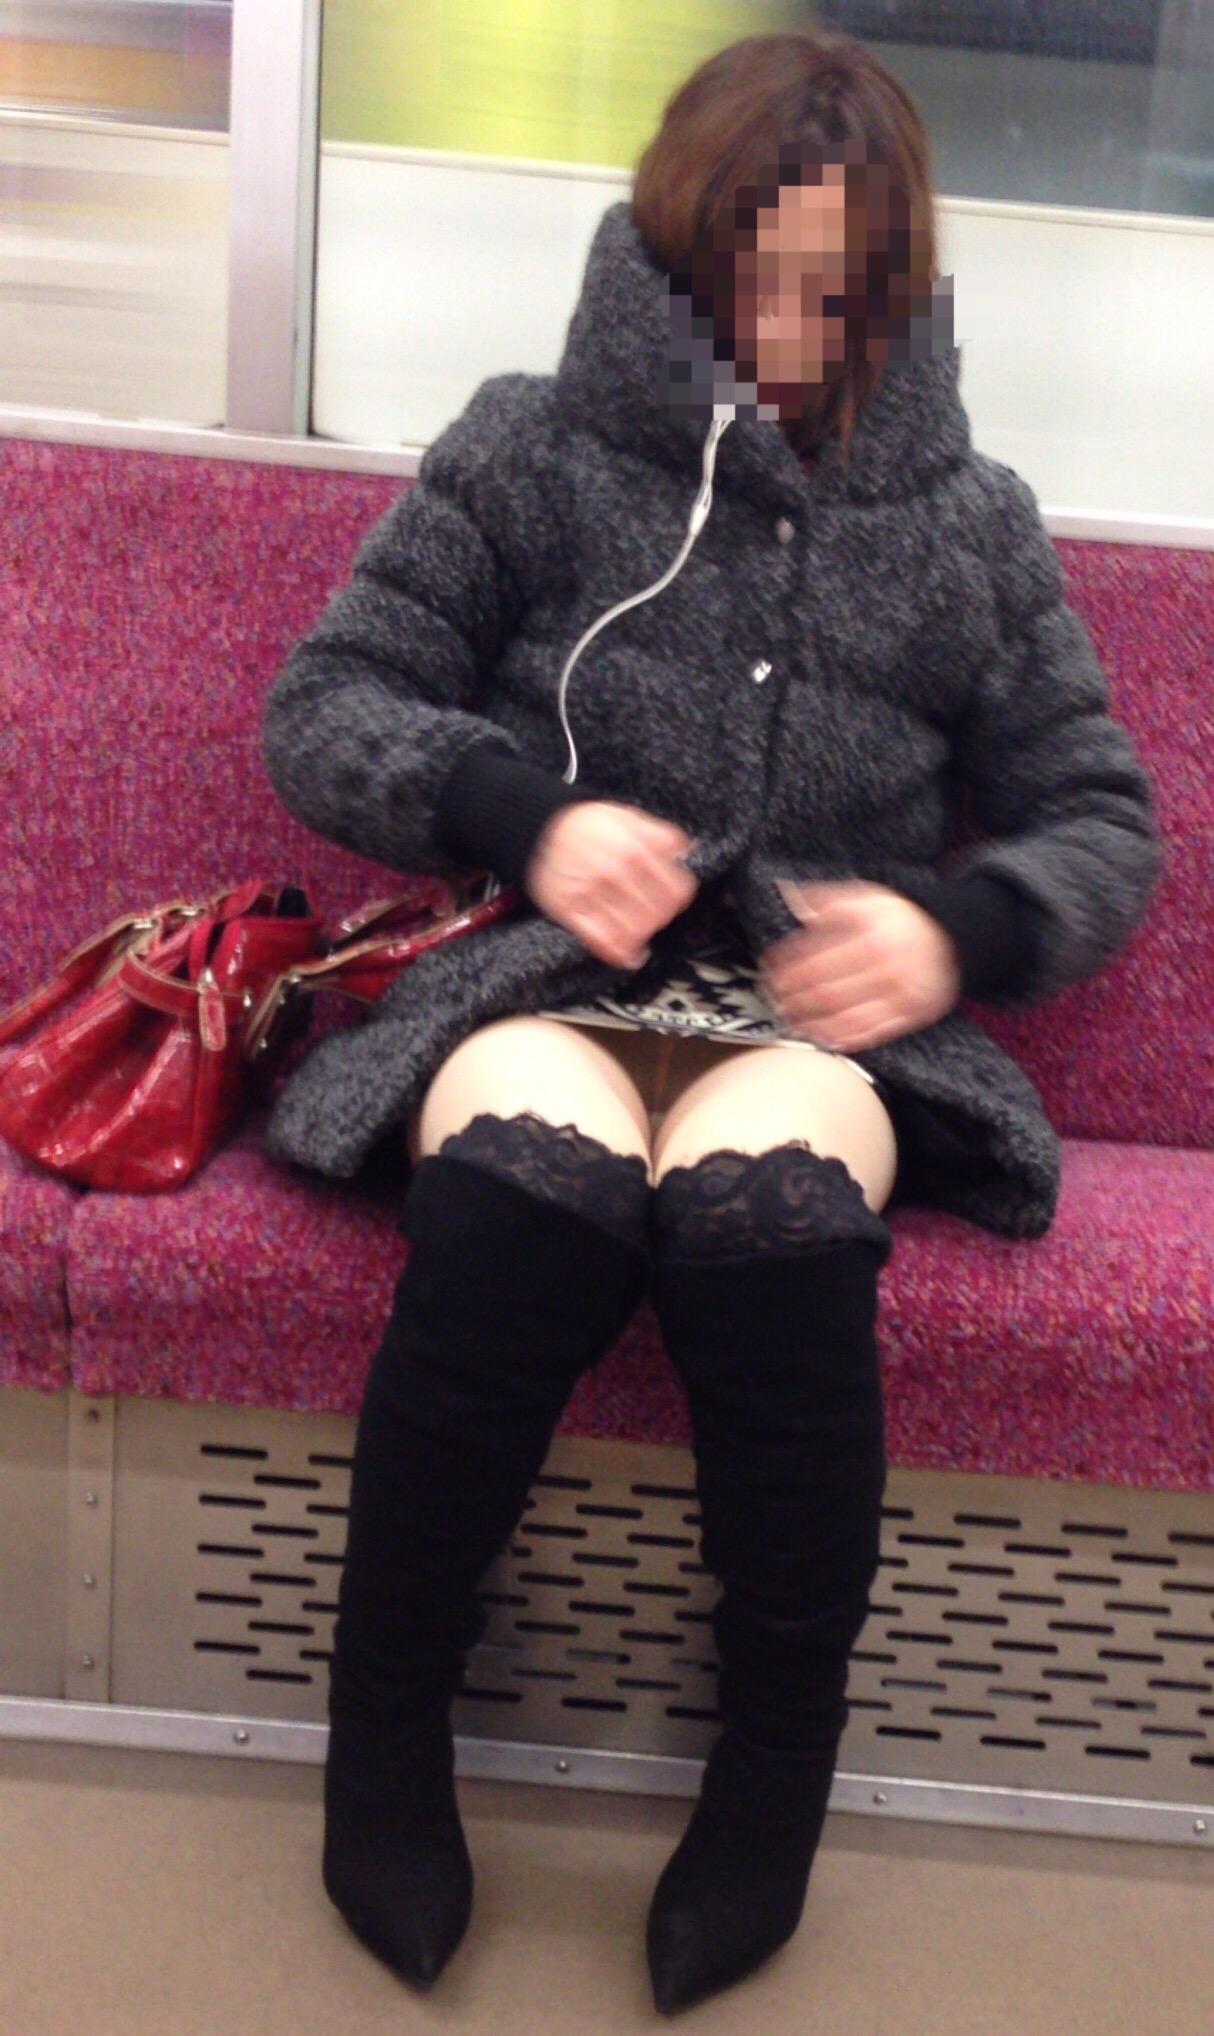 【パンチラエロ画像】座っていればいつか拝めるw電車内の対面ミニスカチラwww 17